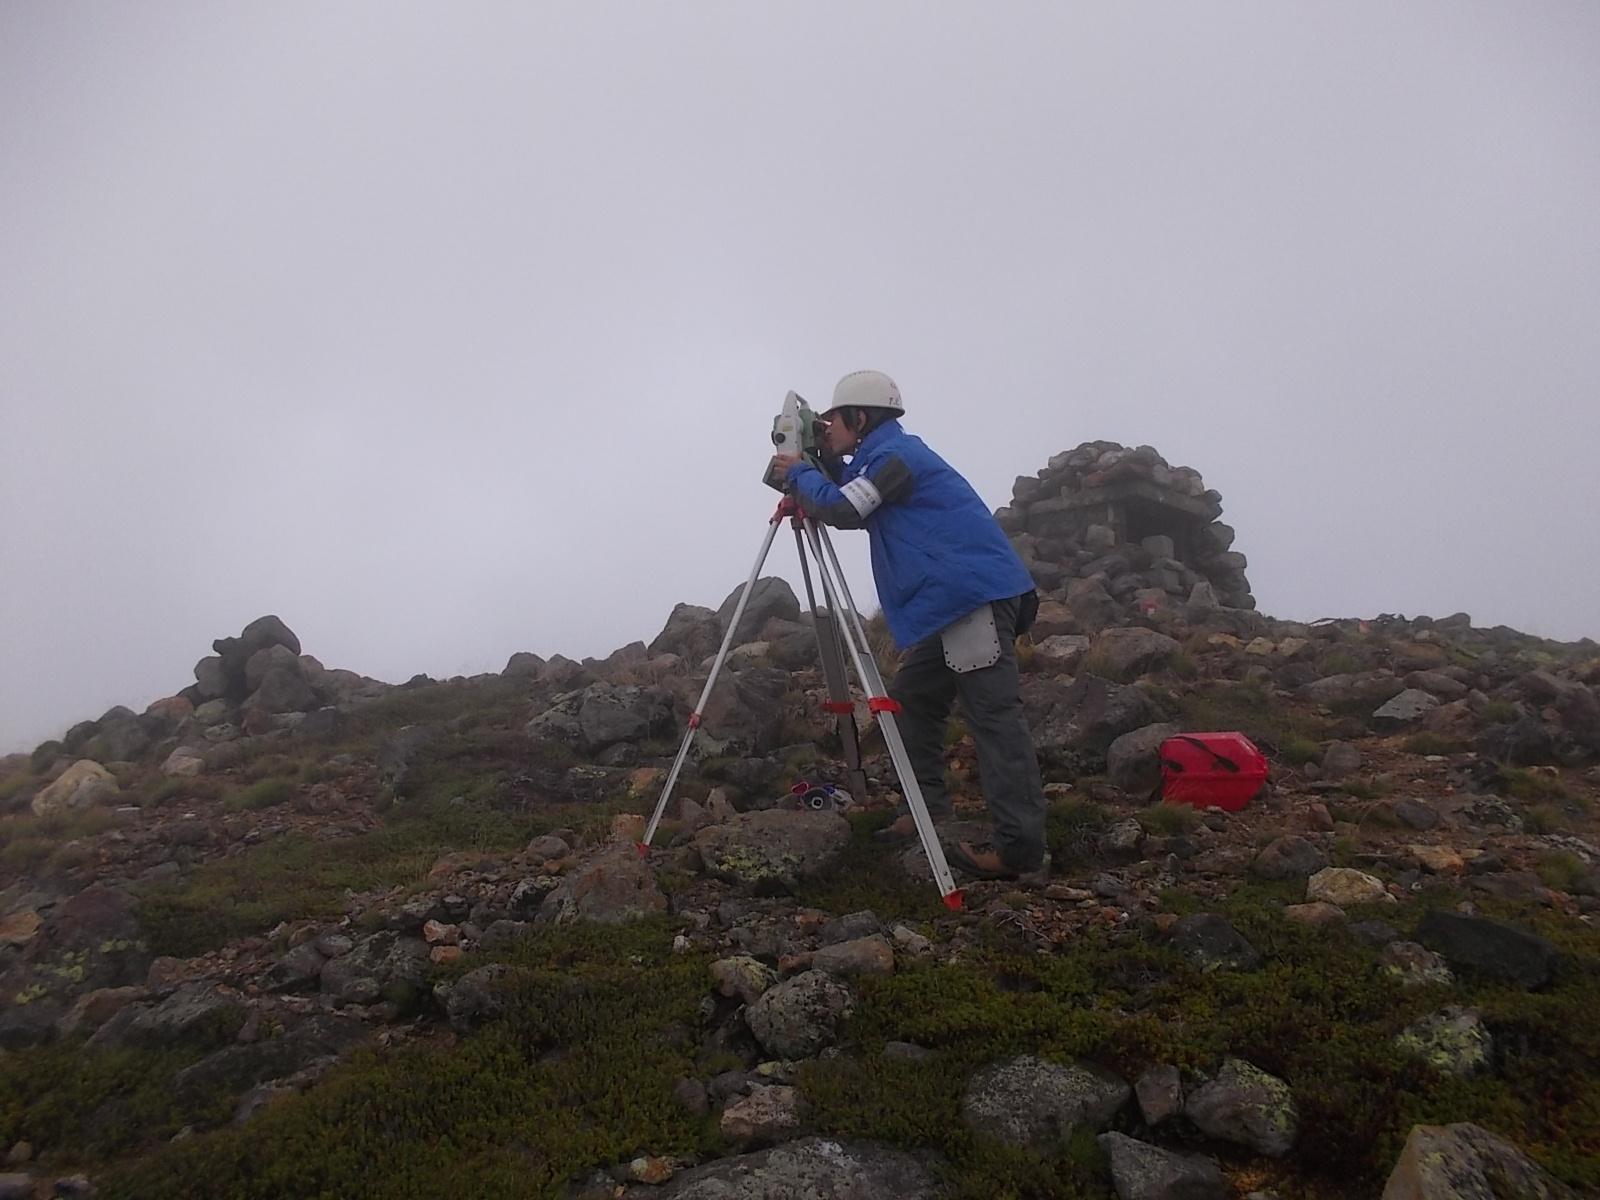 47火山観測整備に伴う用地測量業務(東京管区)のイメージ画像